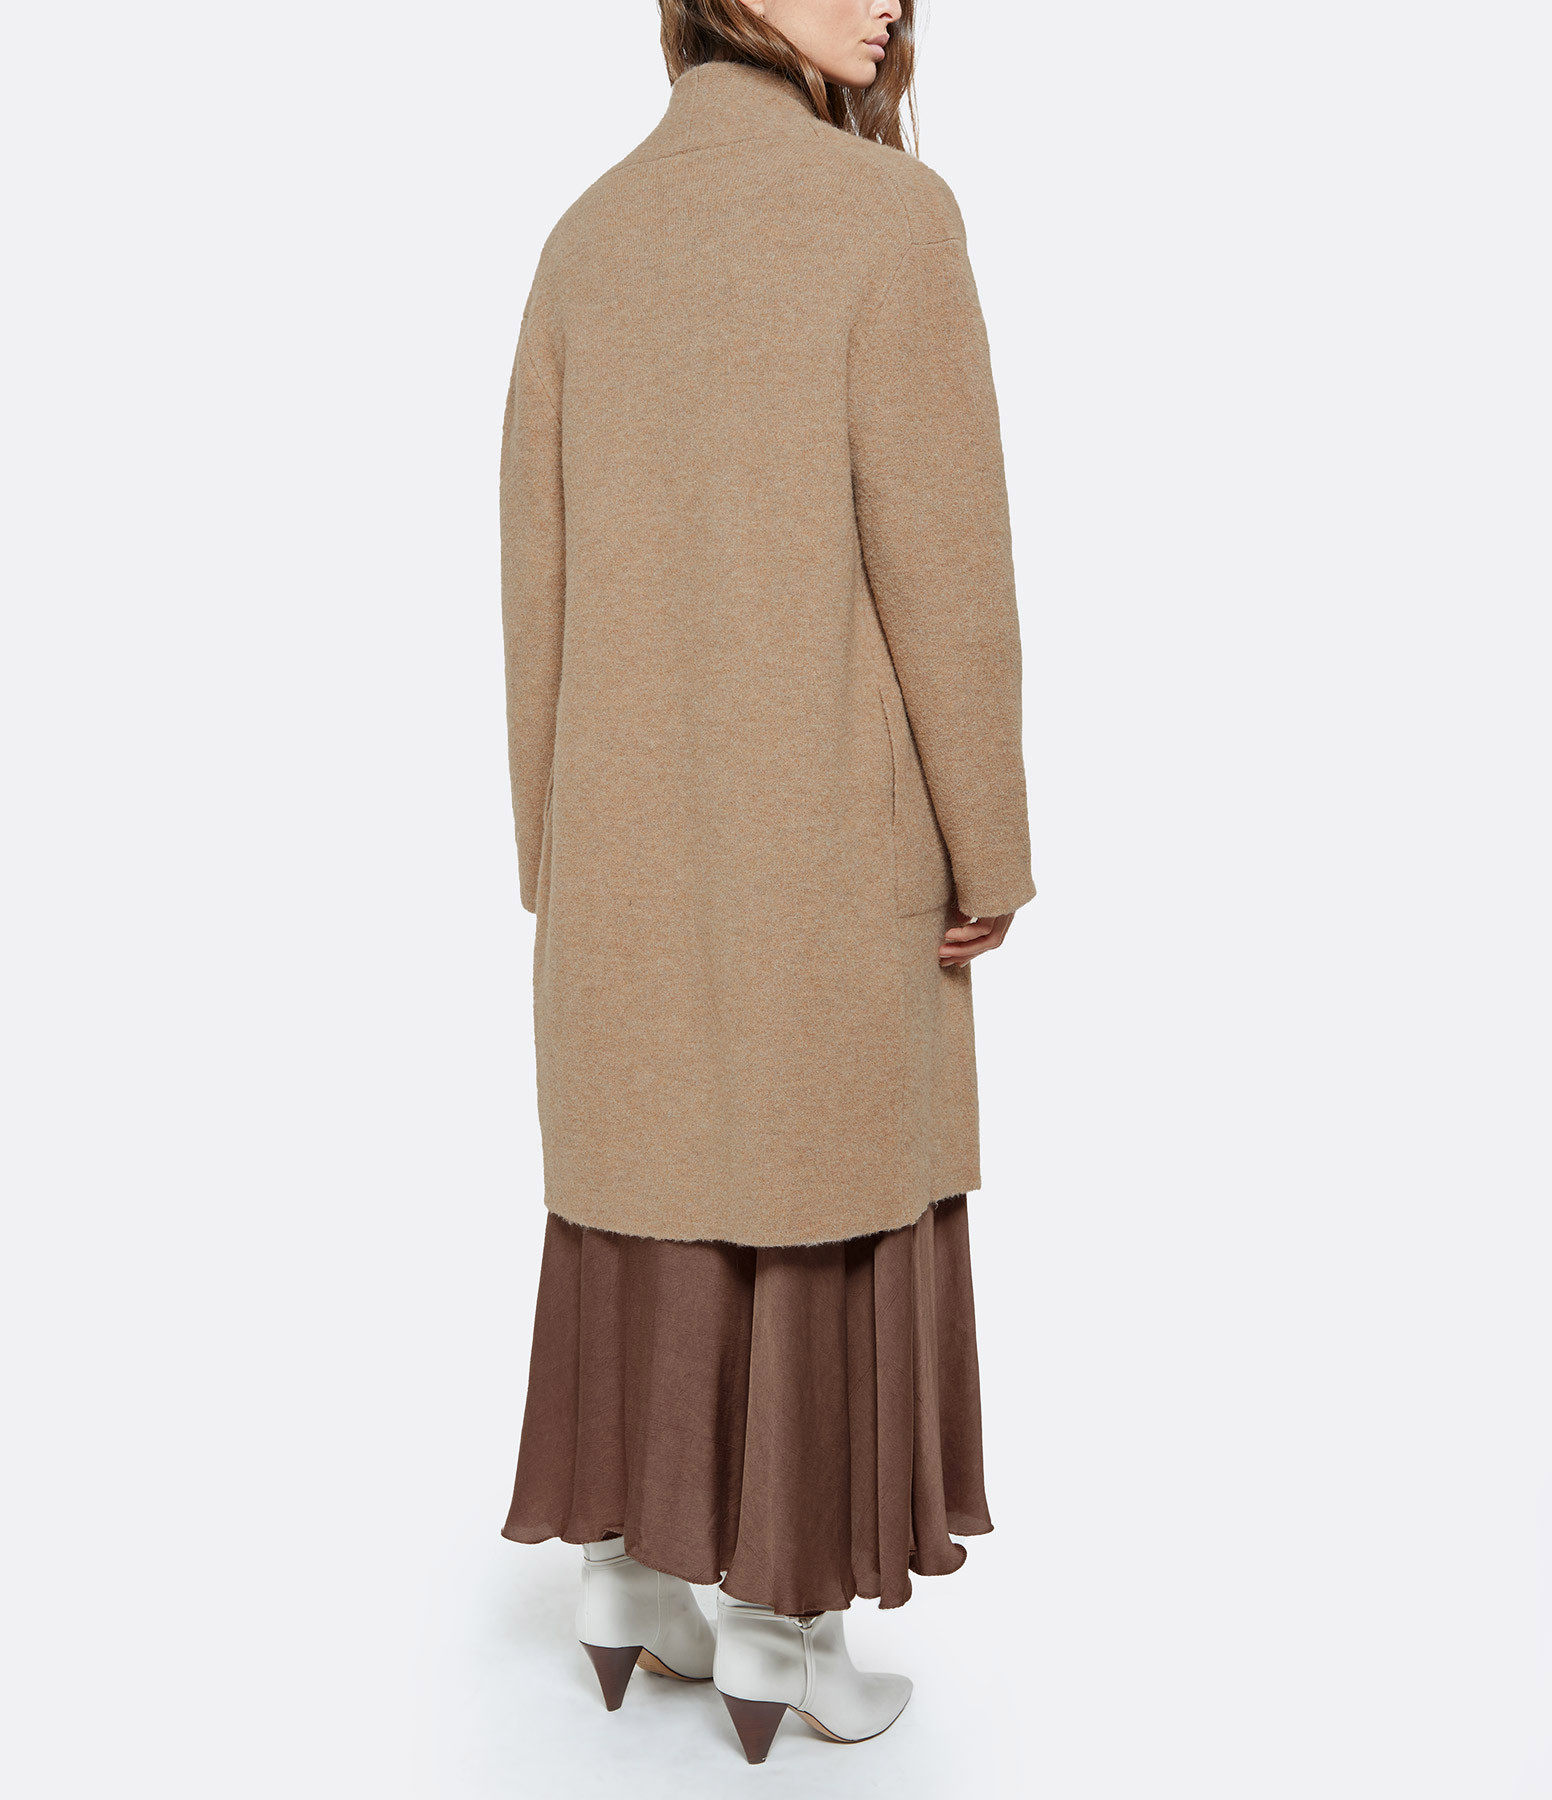 VINCE - Manteau Camel